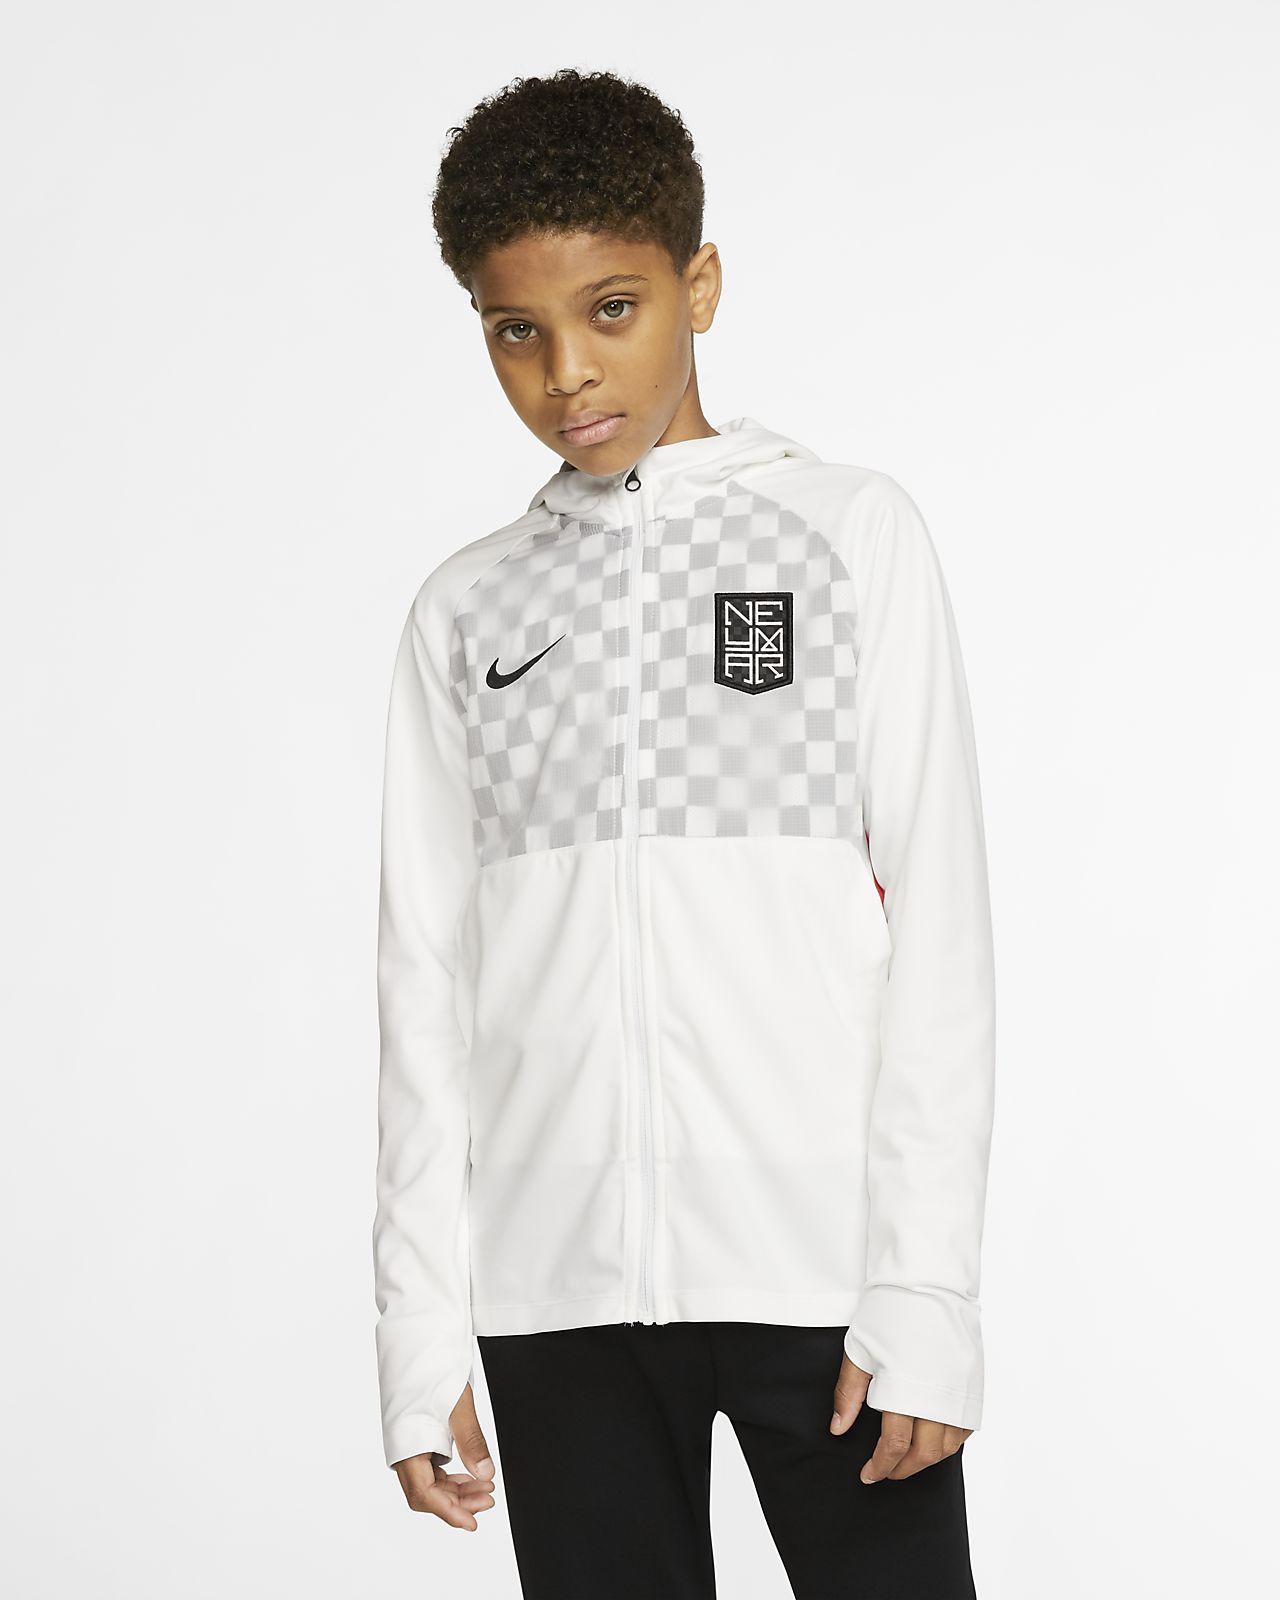 Nike Dri-FIT Neymar Jr. futball-melegítőfelső nagyobb gyerekeknek